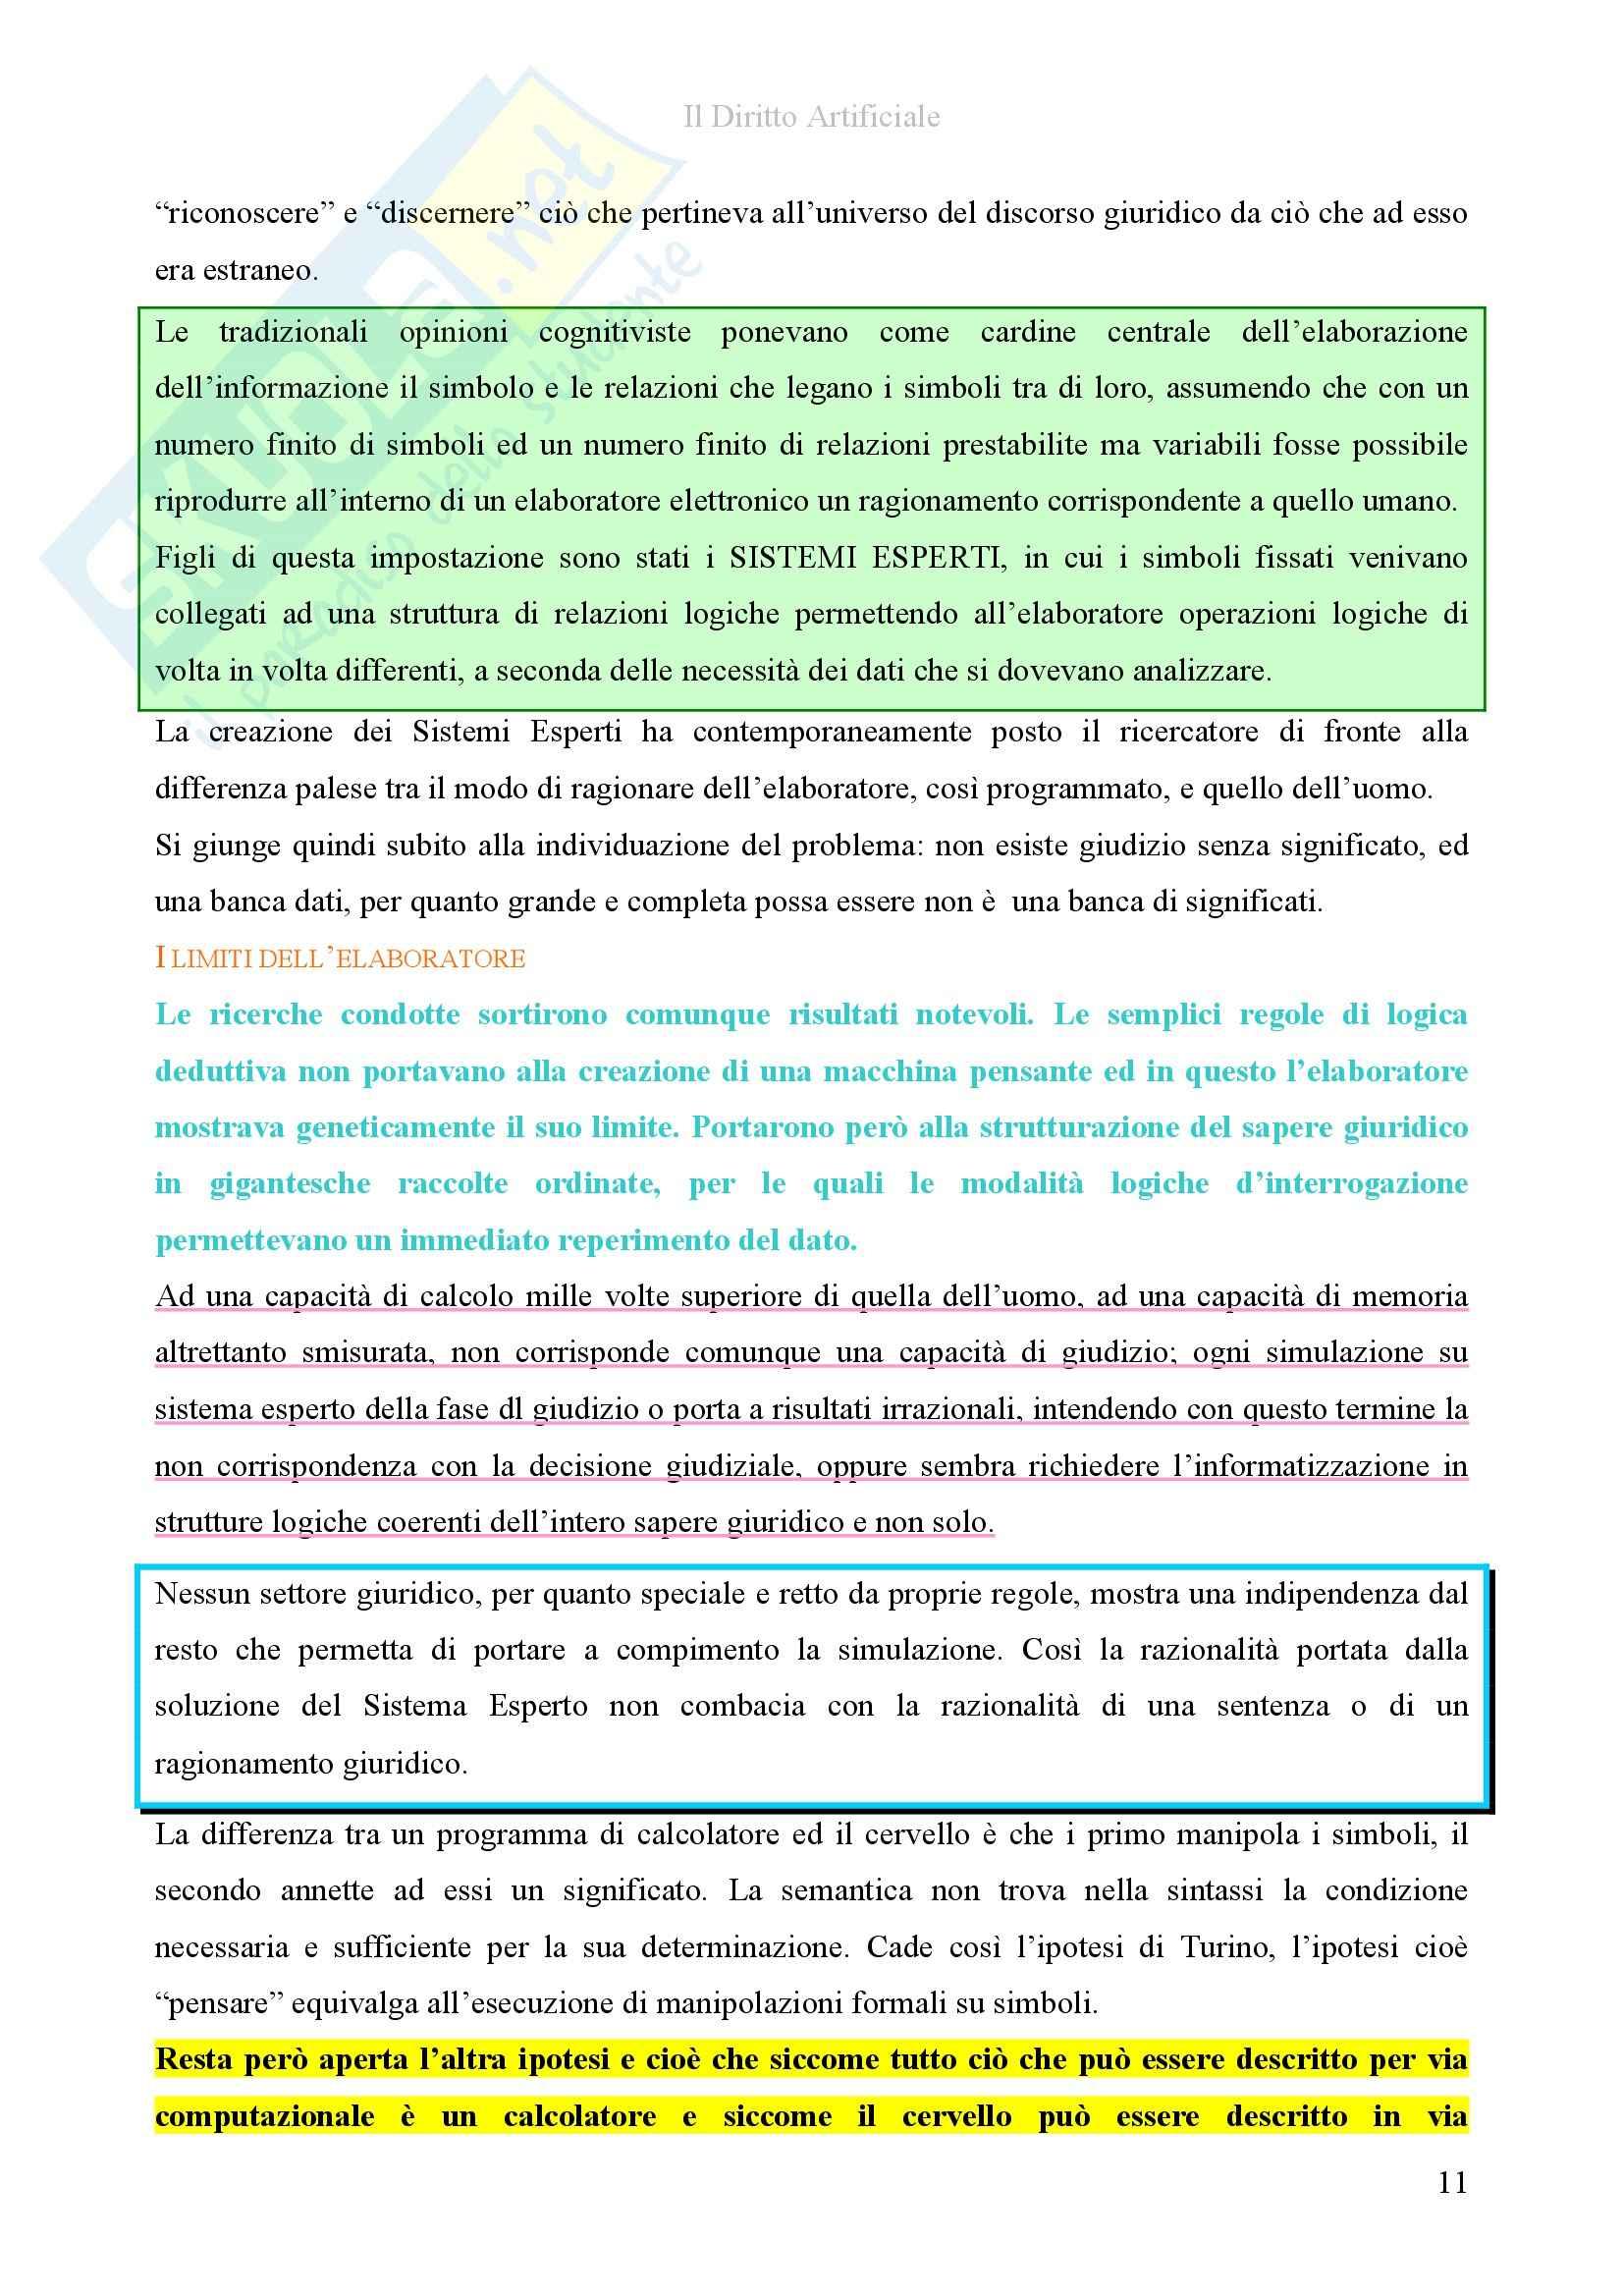 Riassunto esame diInformatica giuridica,, prof. Romeo, libro consigliato Il diritto artificiale, Romeo Pag. 11